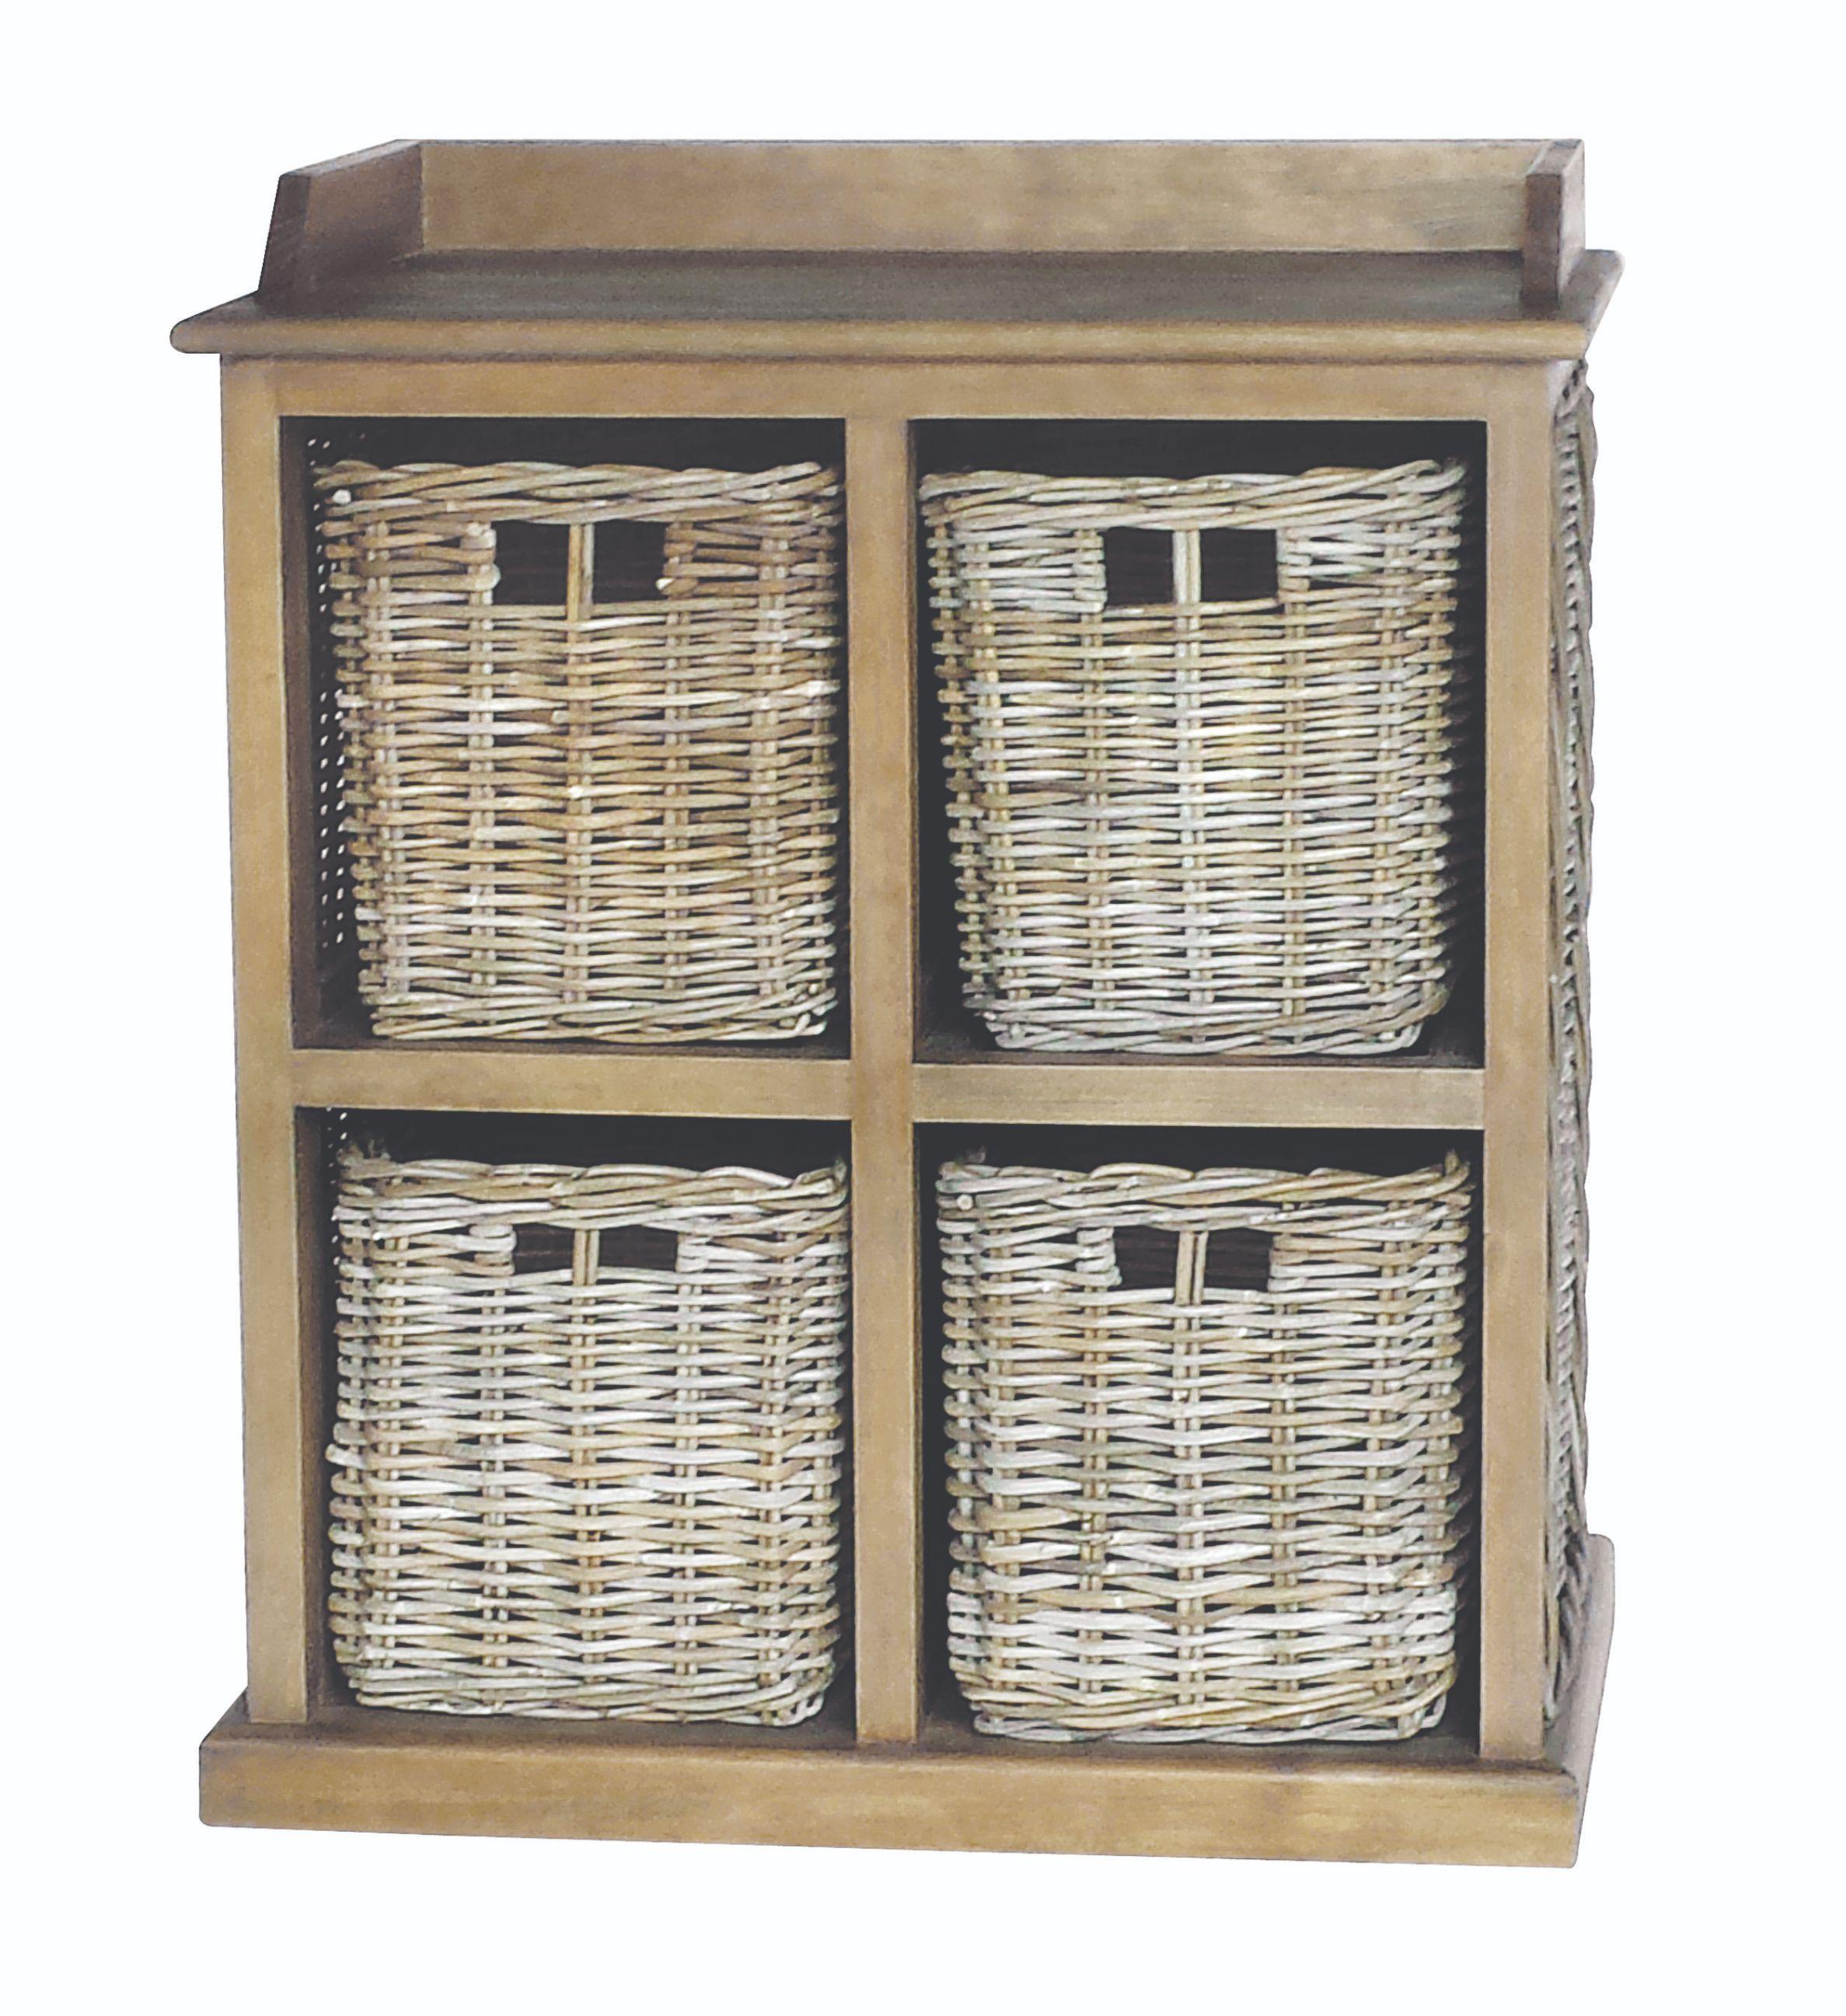 MAYA Grey Wash 4 Rattan Basket Storage Unit